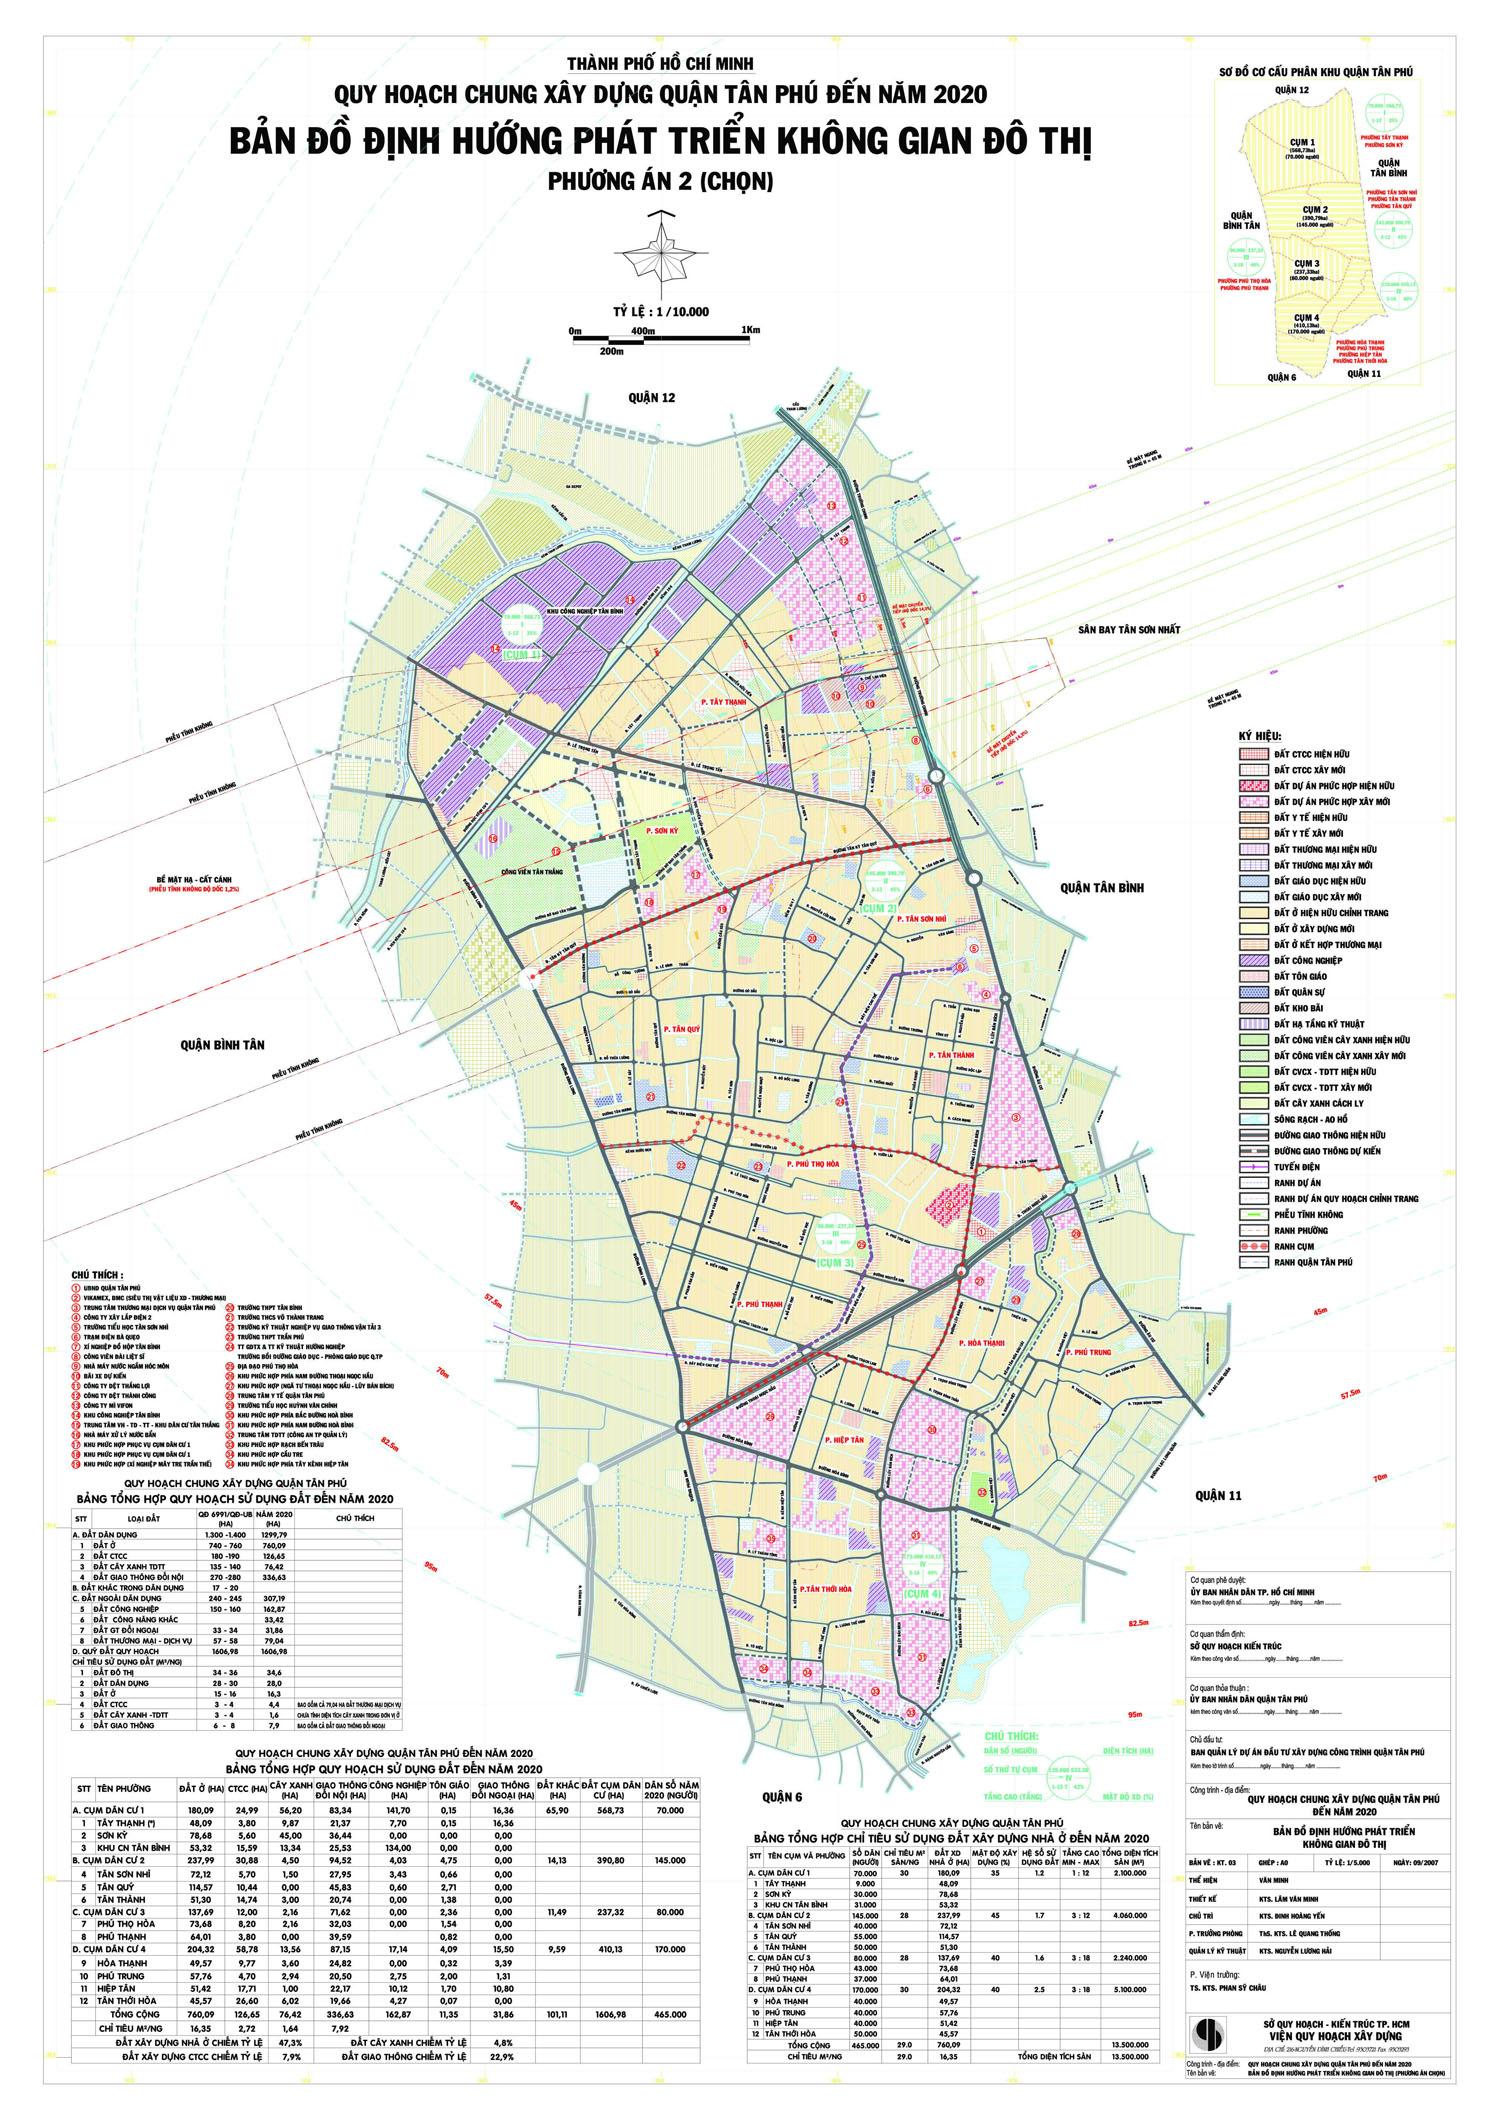 Bản đồ quy hoạch, các phường và dự án tại quận Tân Phú